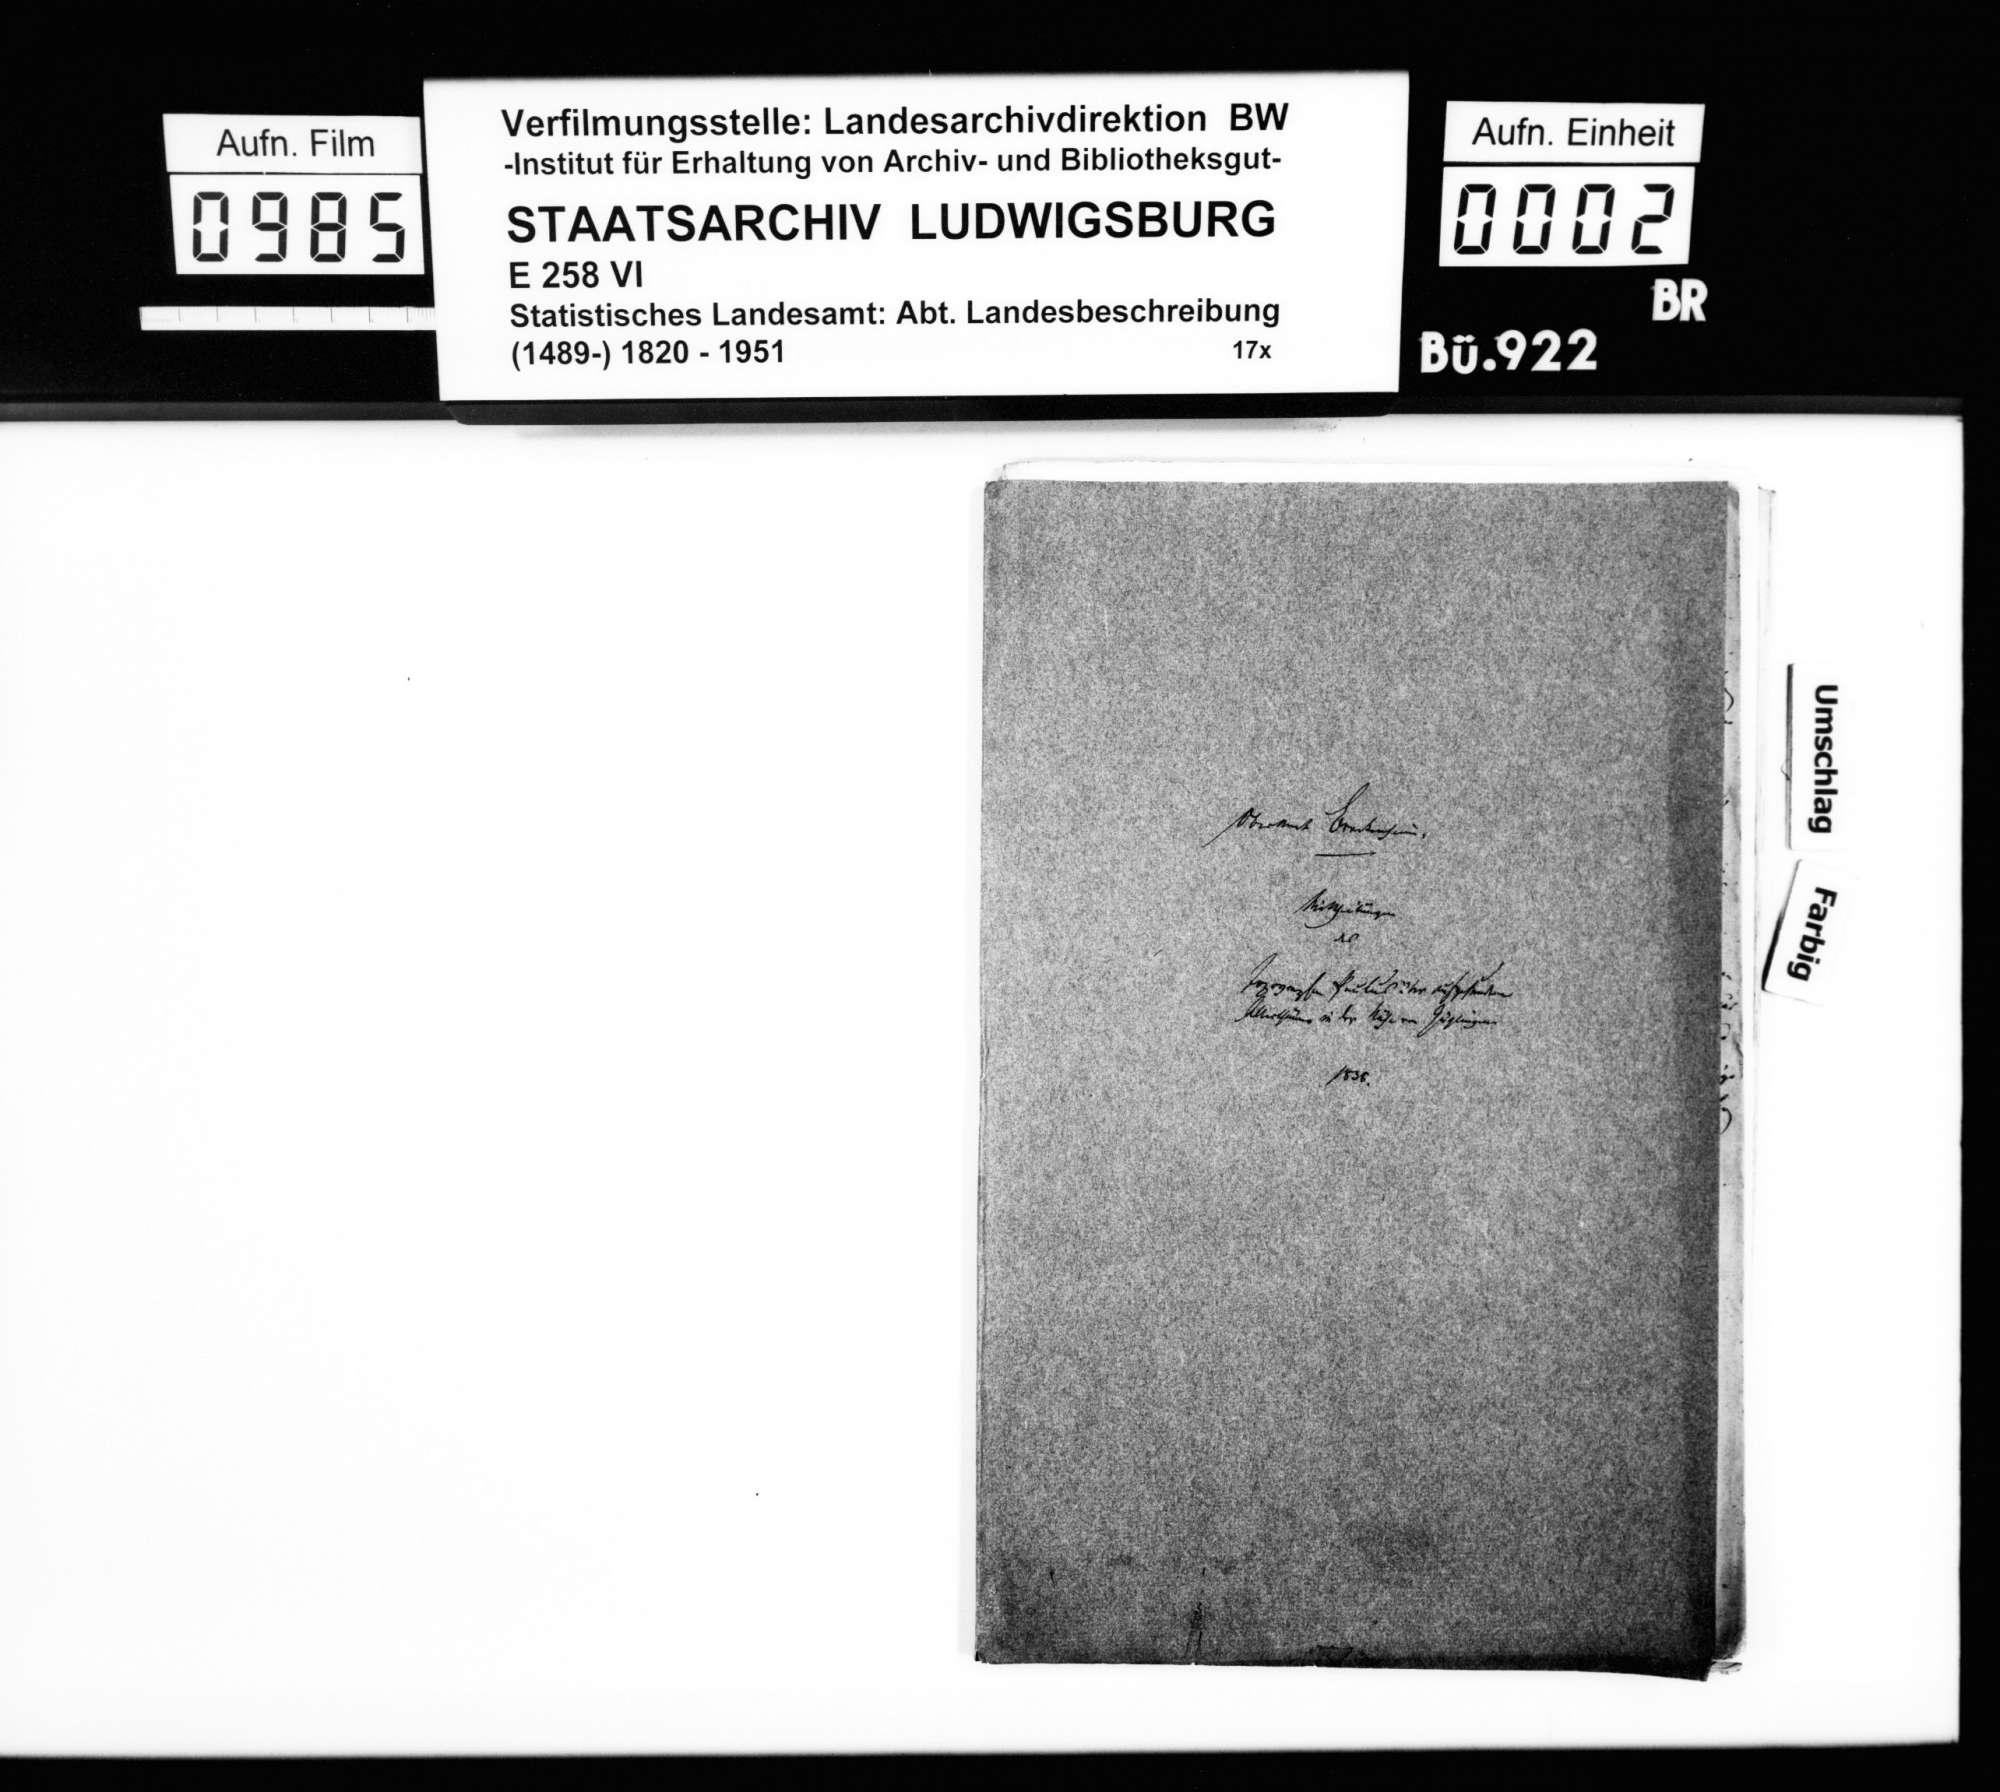 Mitteilungen des Topographen [Karl Eduard] Paulus über entdeckte Altertümer im Bezirk, Bild 1